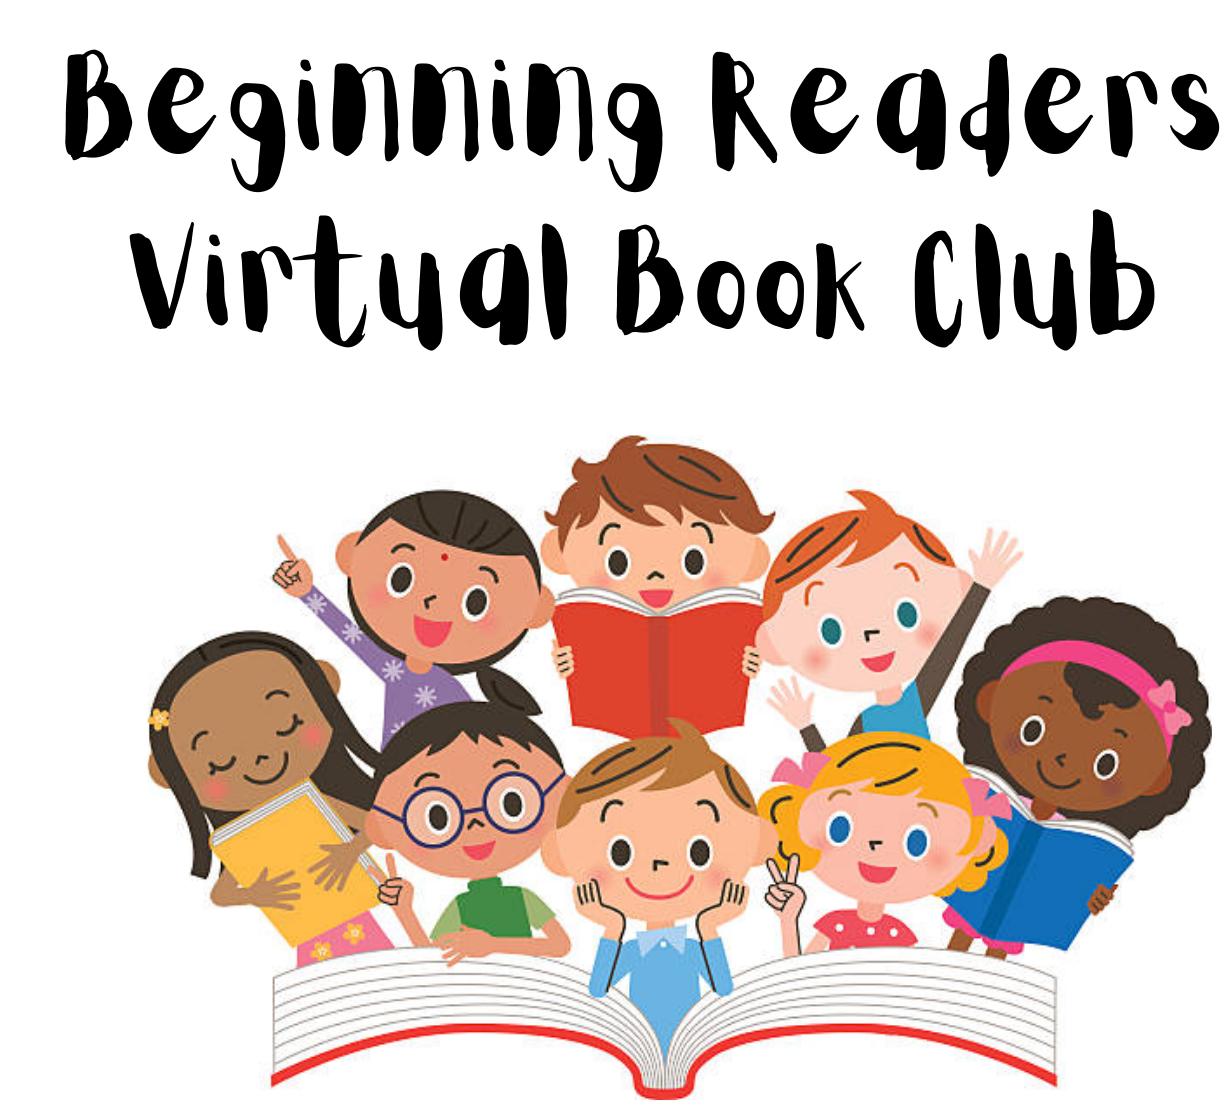 Beginning Readers Book Club - Pending